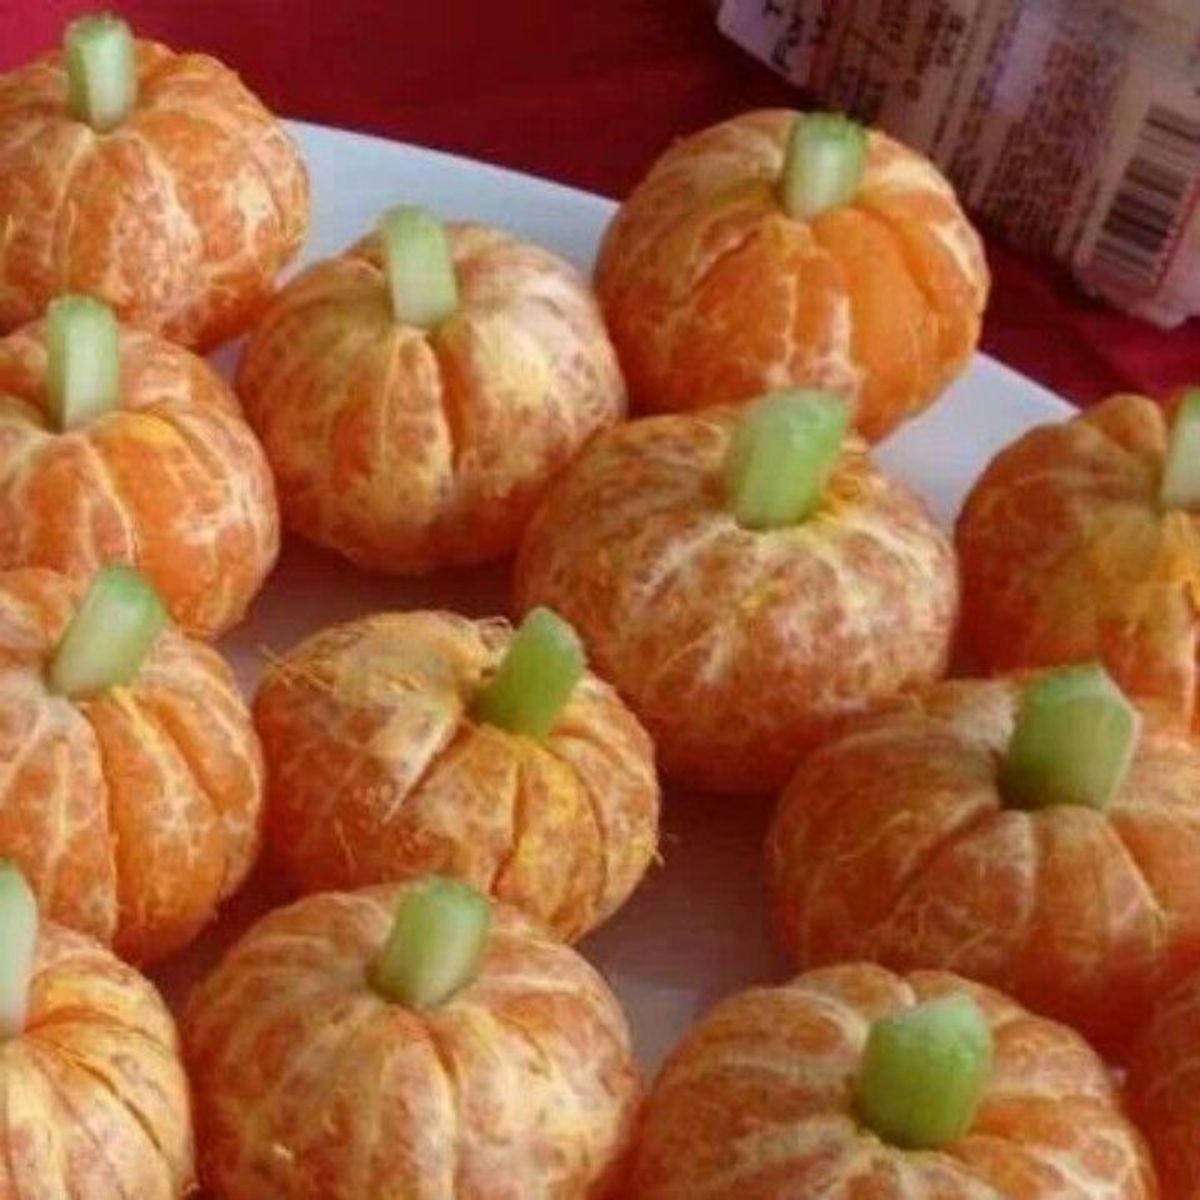 Oranges Disguised as Pumpkins